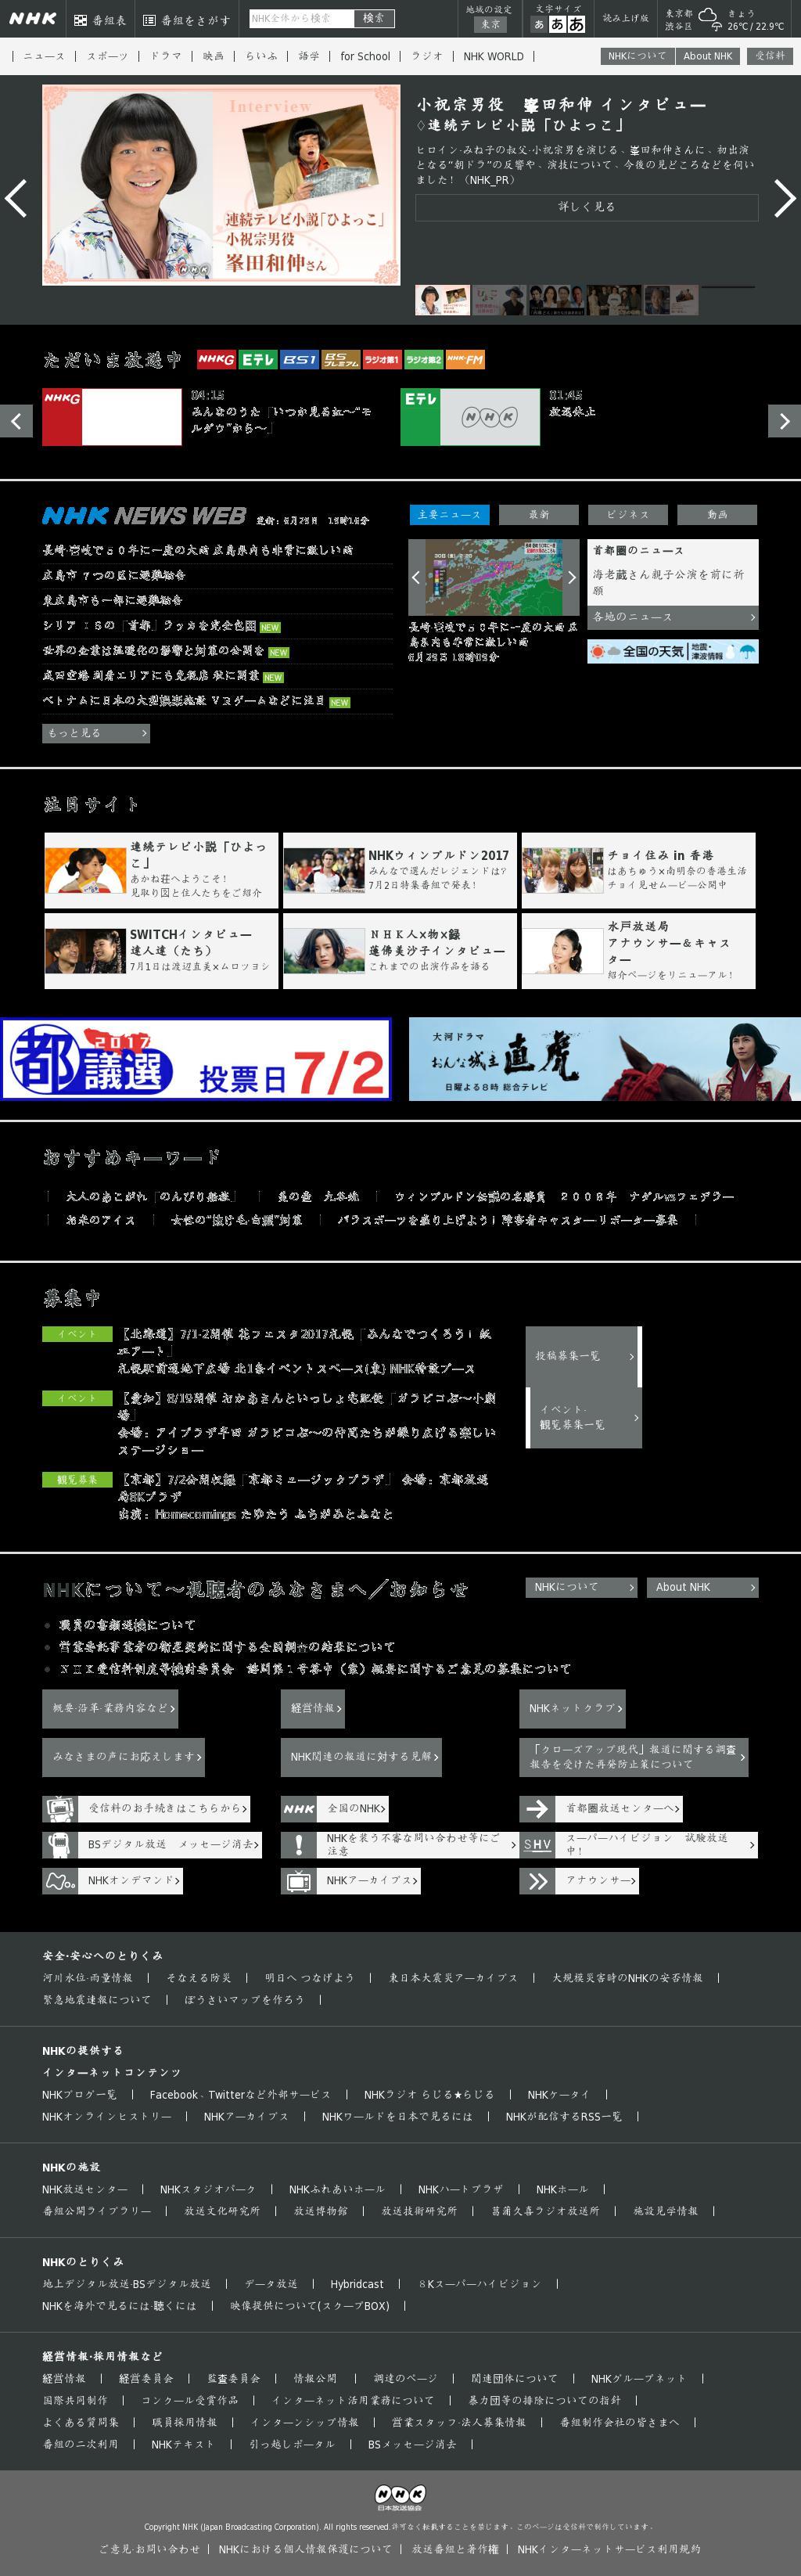 NHK Online at Thursday June 29, 2017, 7:17 p.m. UTC